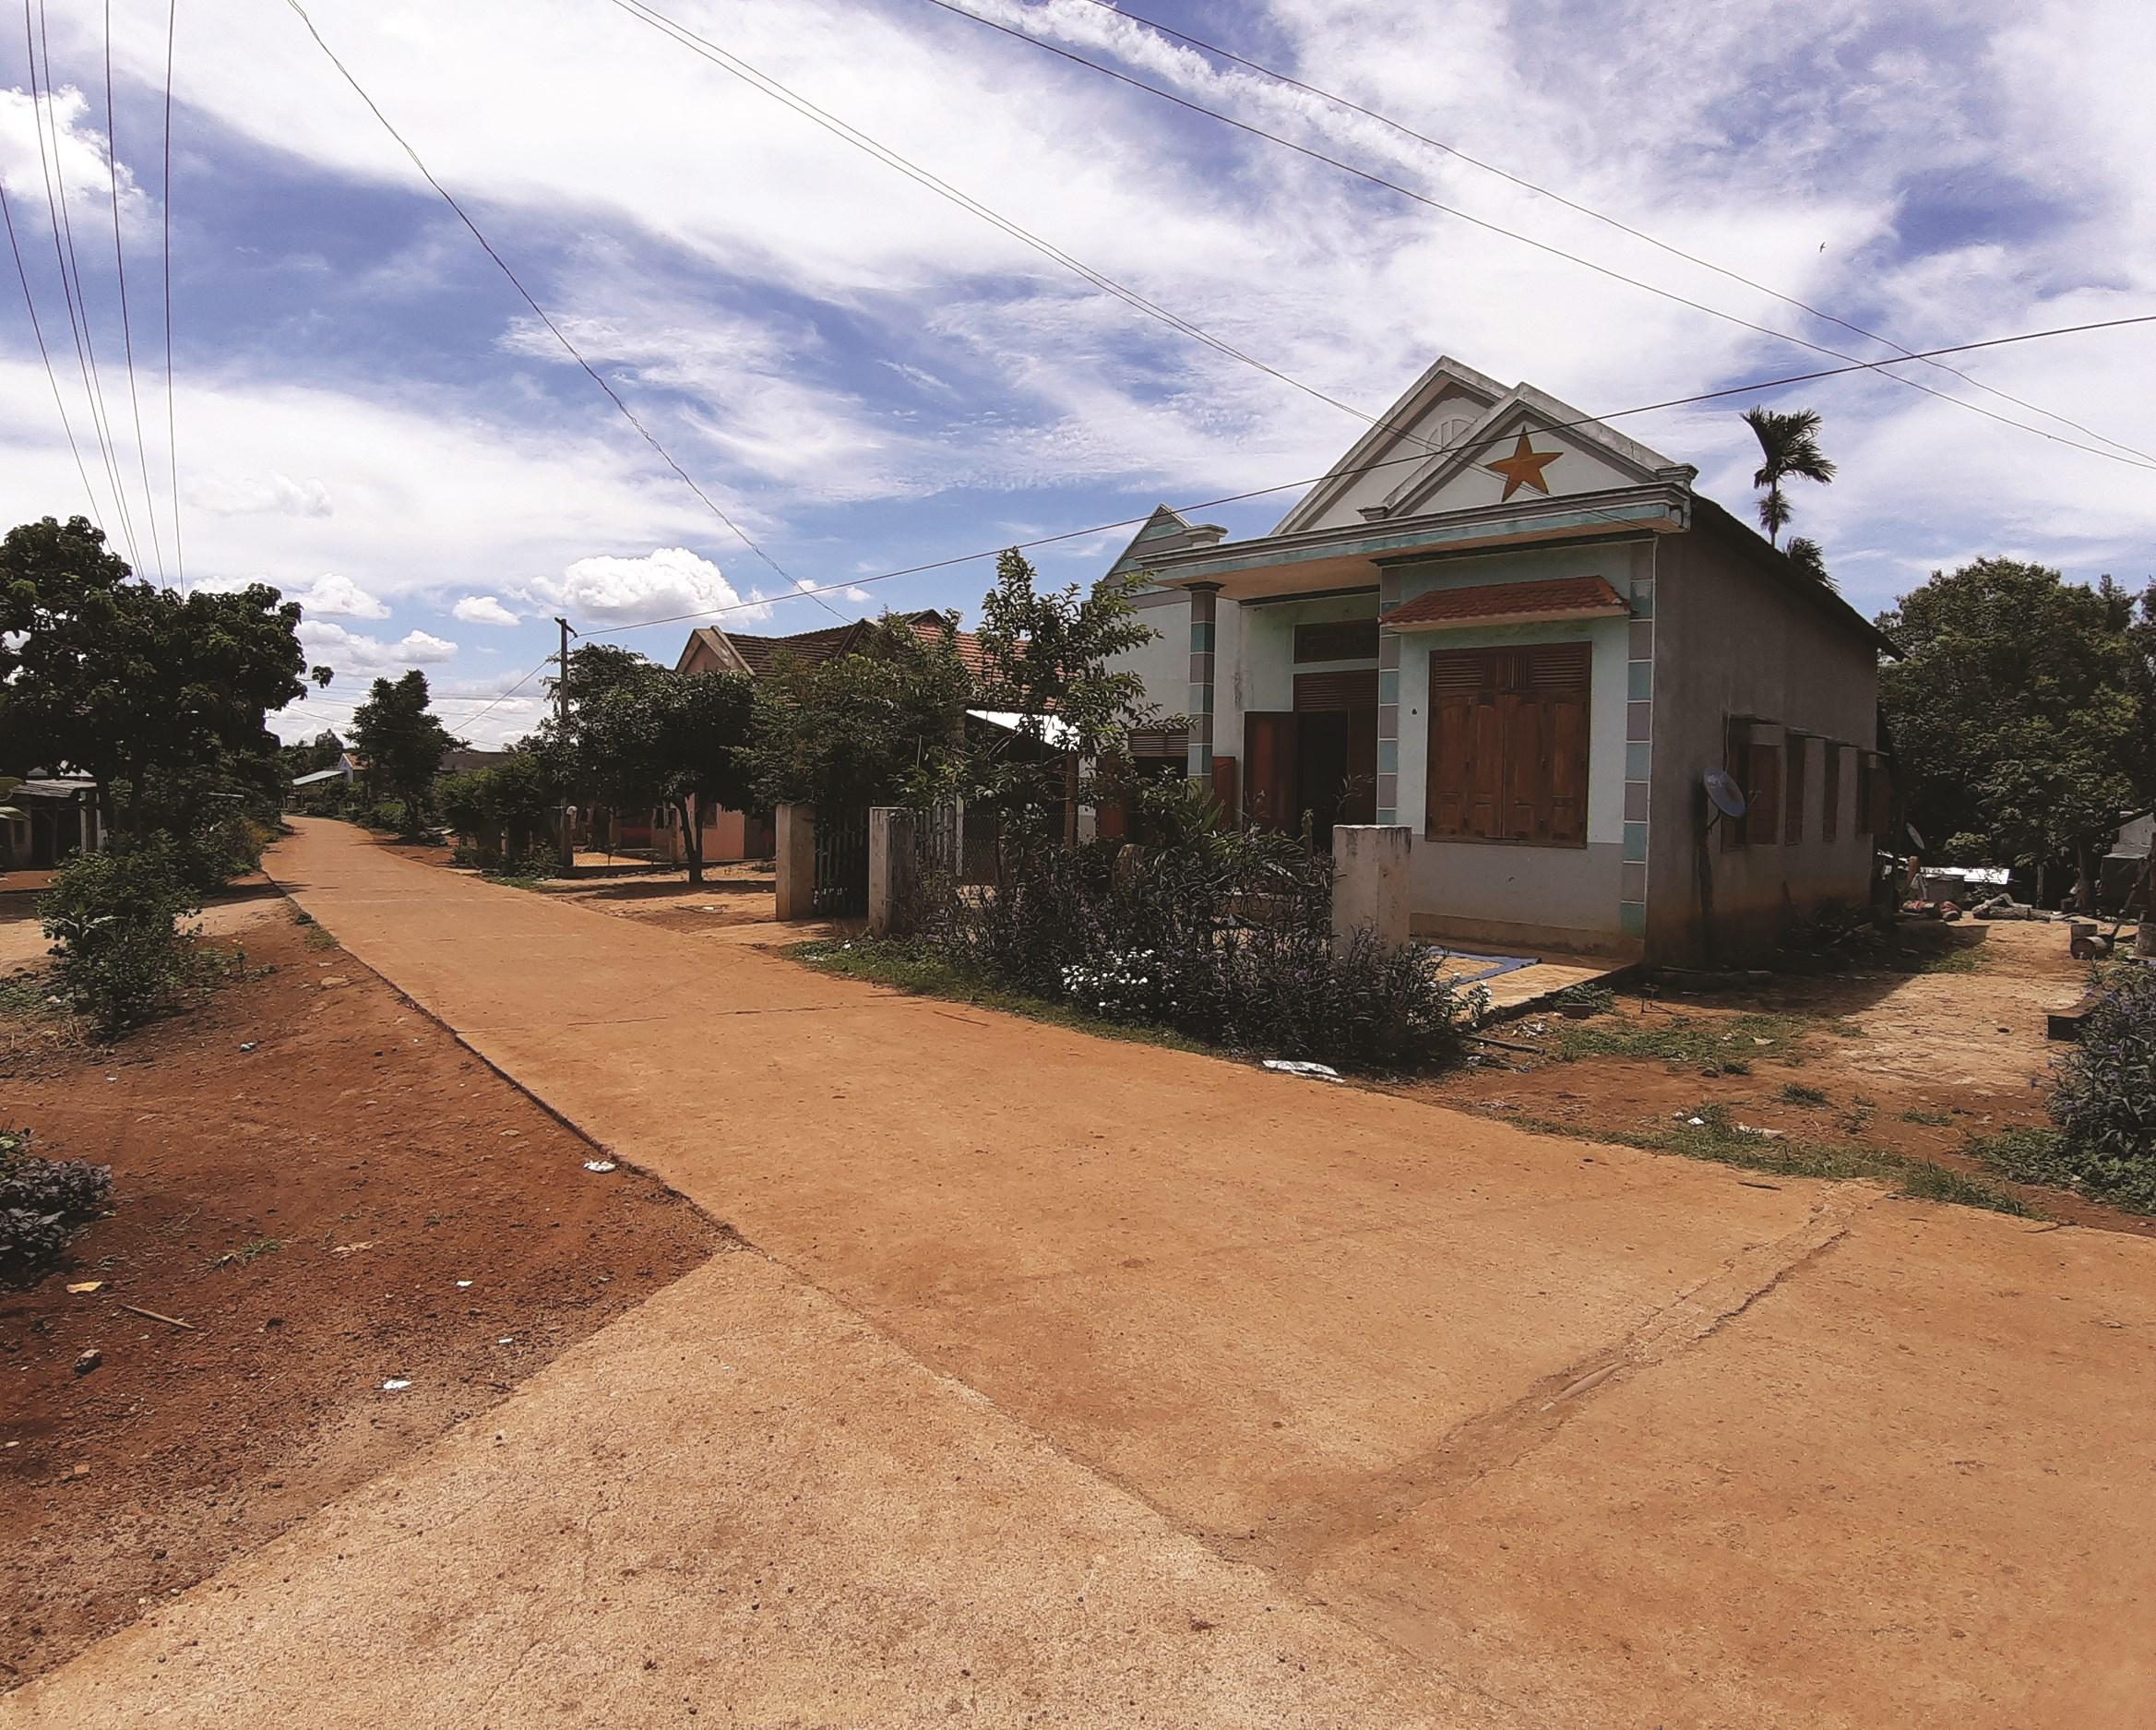 Nhờ nguồn vốn 30a hạ tầng các làng đồng bào DTTS ở huyện Vĩnh Thạnh được đầu tư bài bản